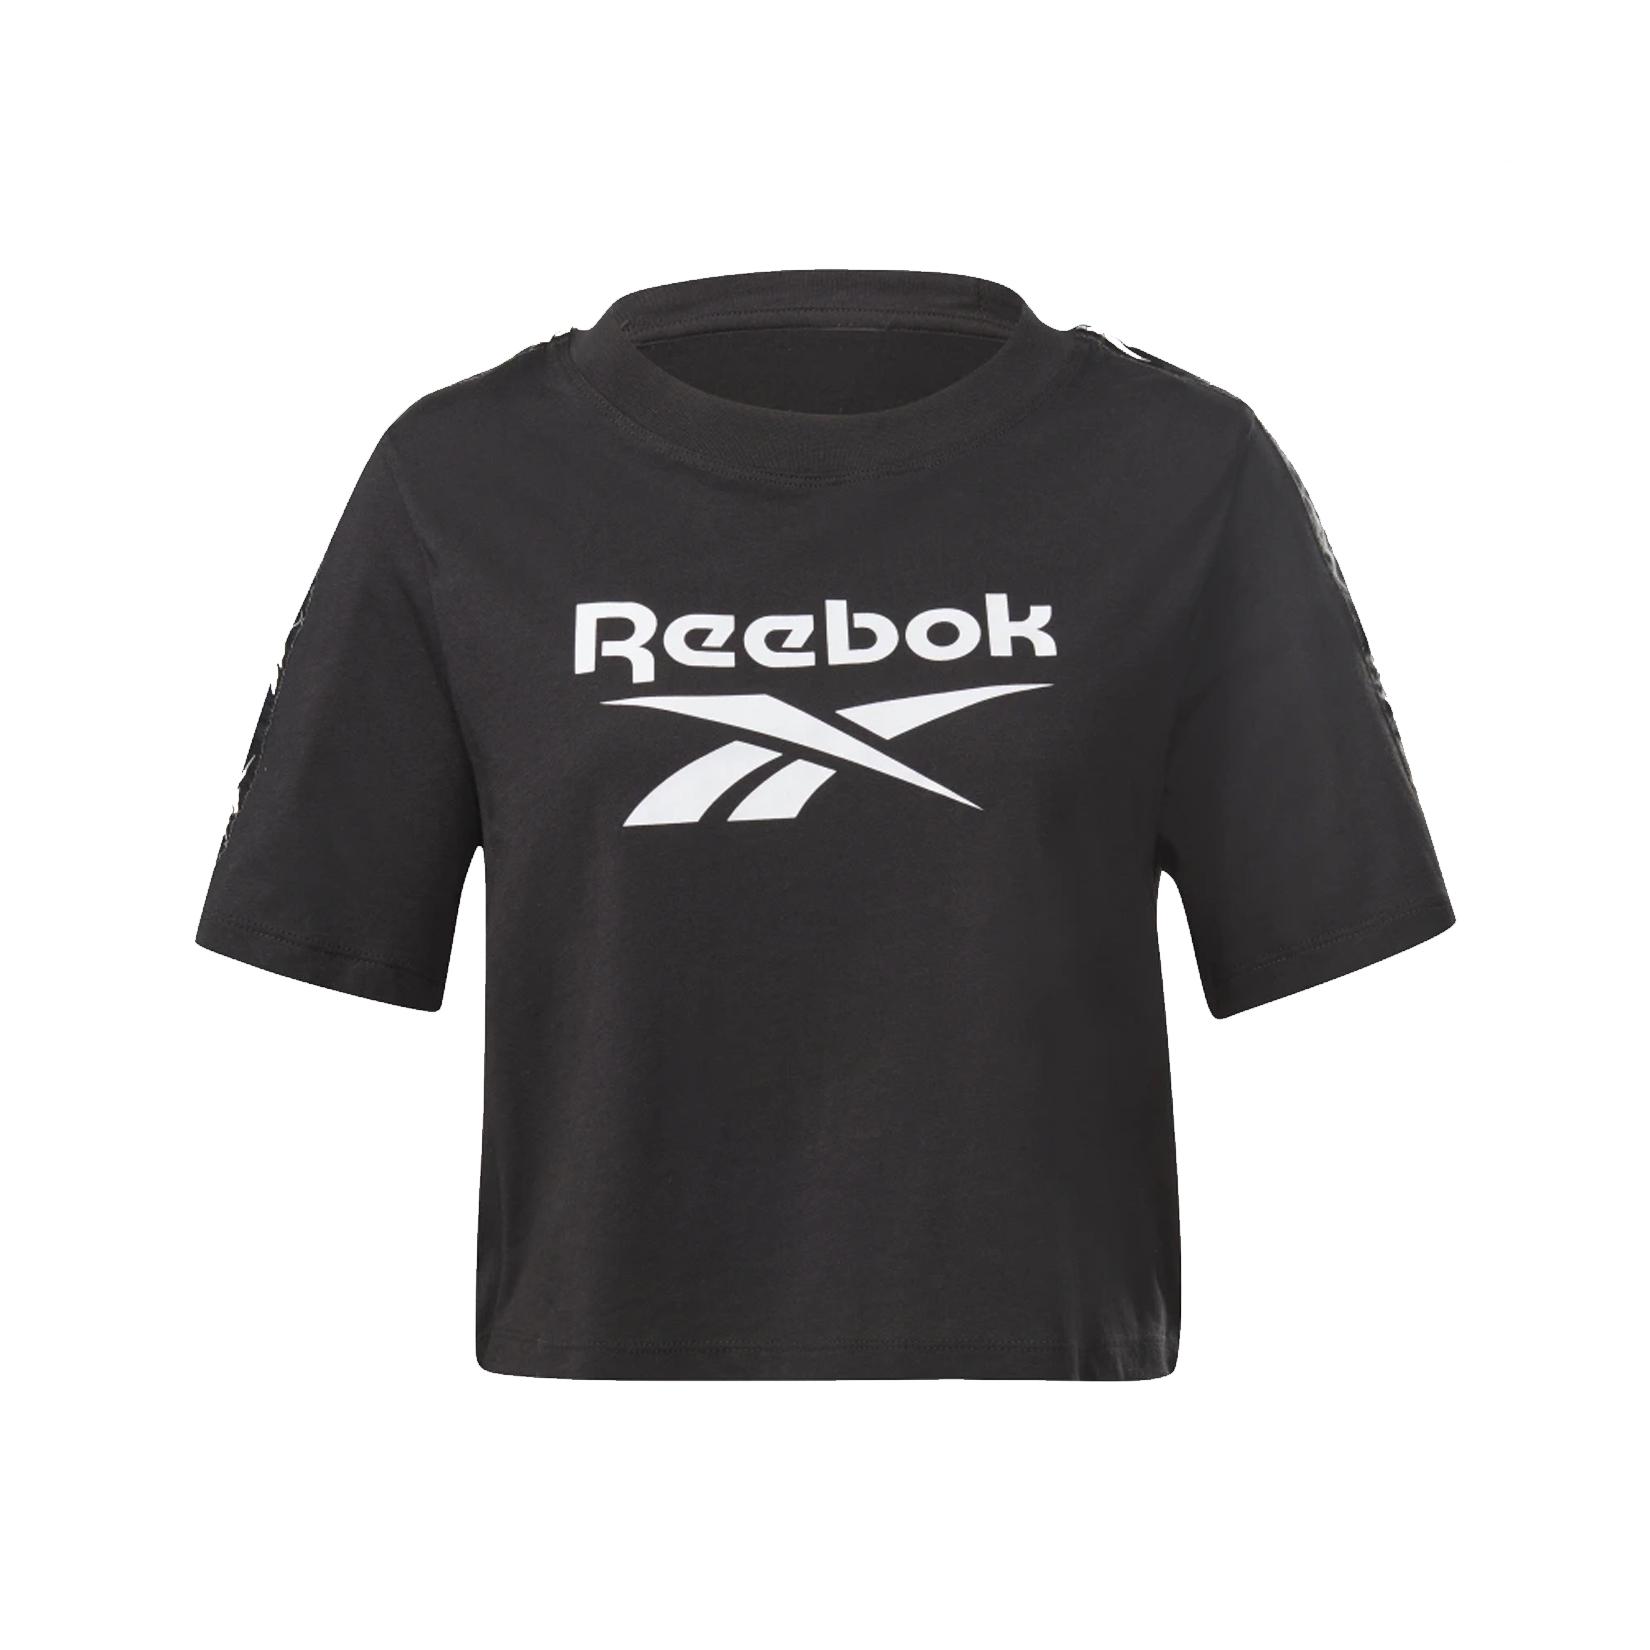 Reebok Training Essentials Tape Pack Tee Black